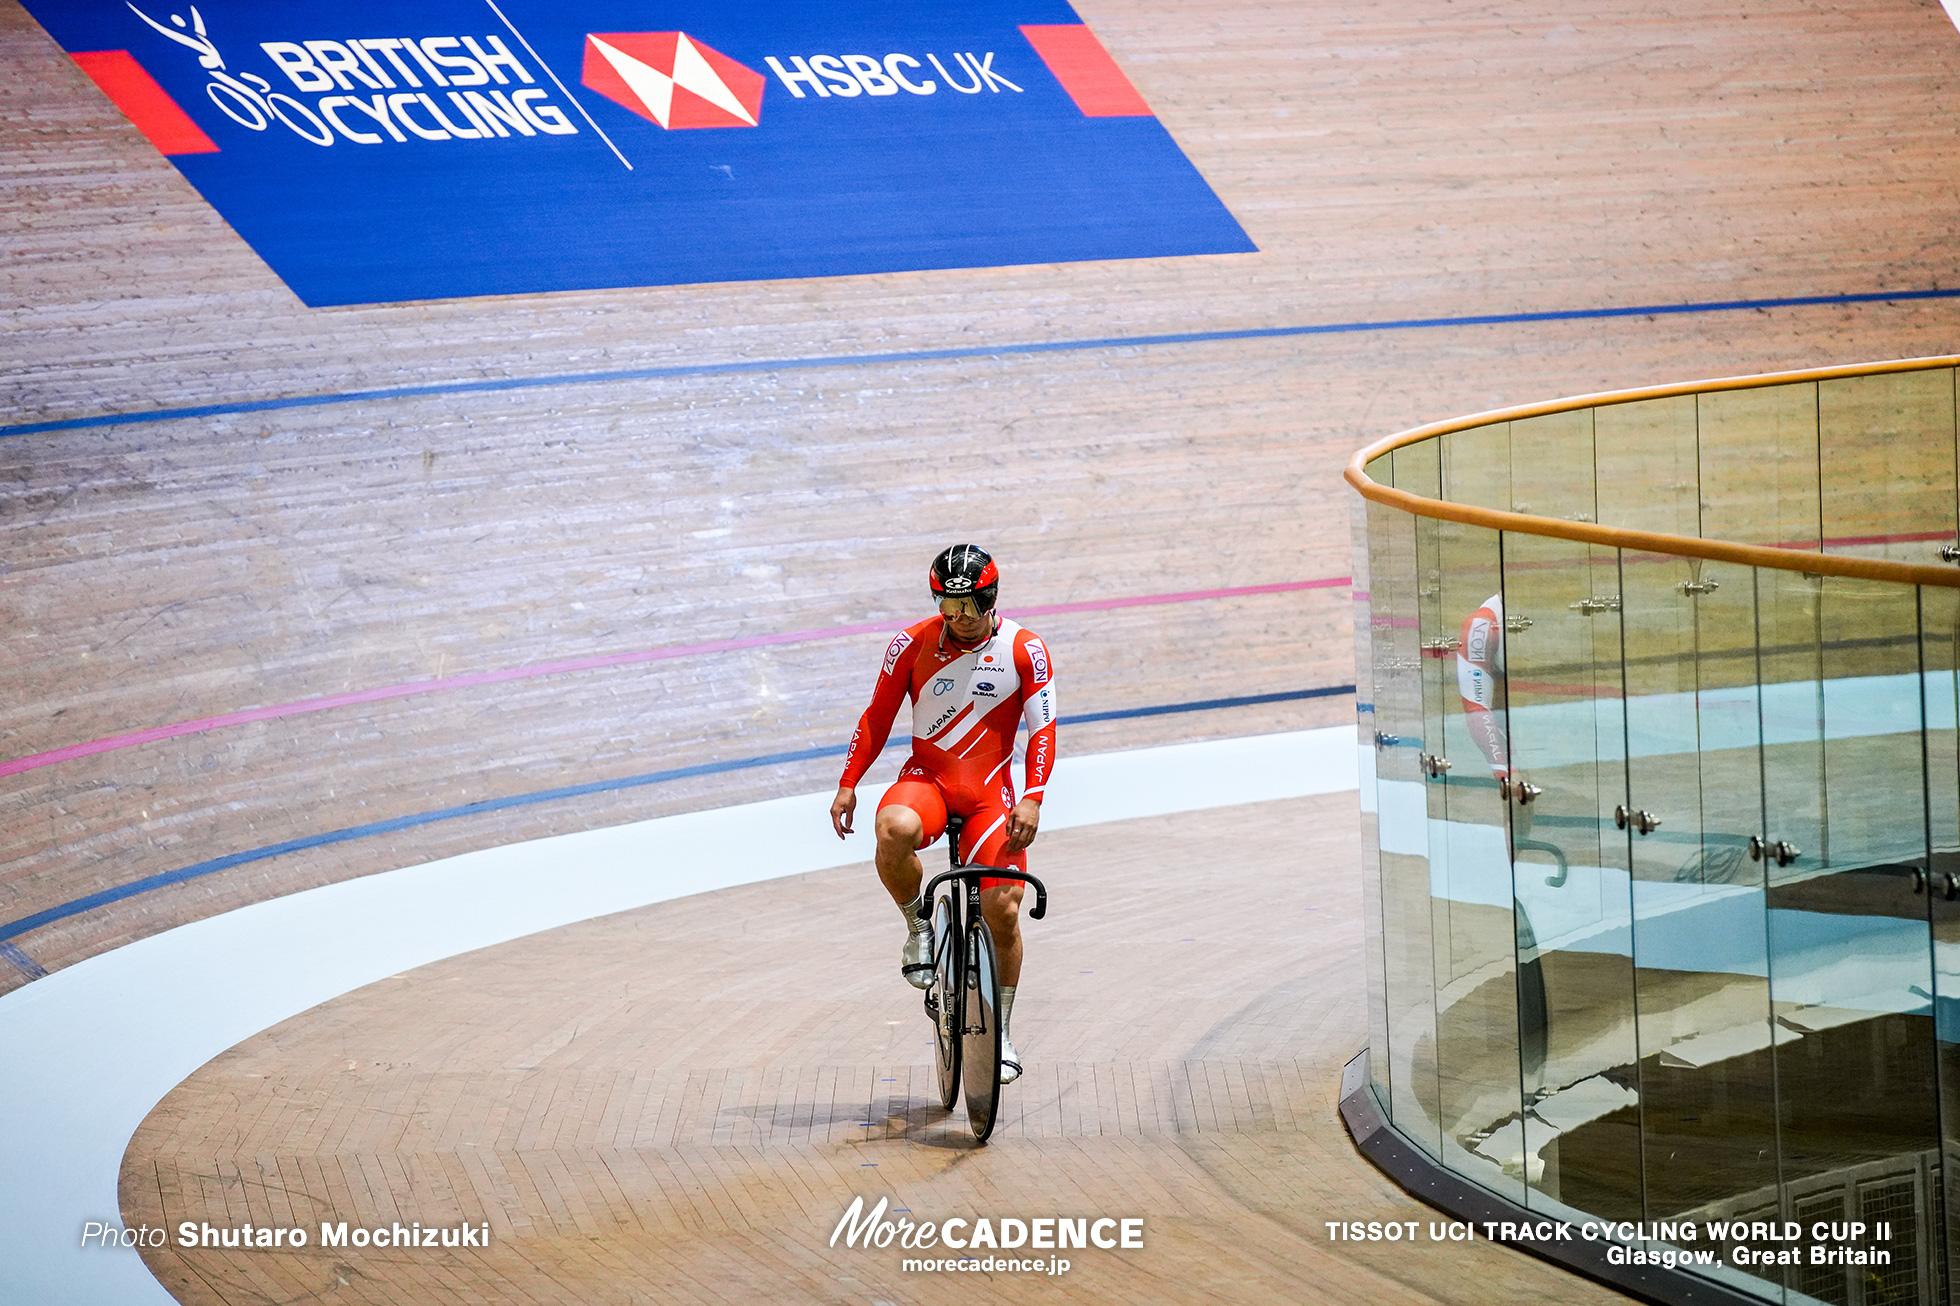 深谷知広 TISSOT UCI TRACK CYCLING WORLD CUP II, Glasgow, Great Britain